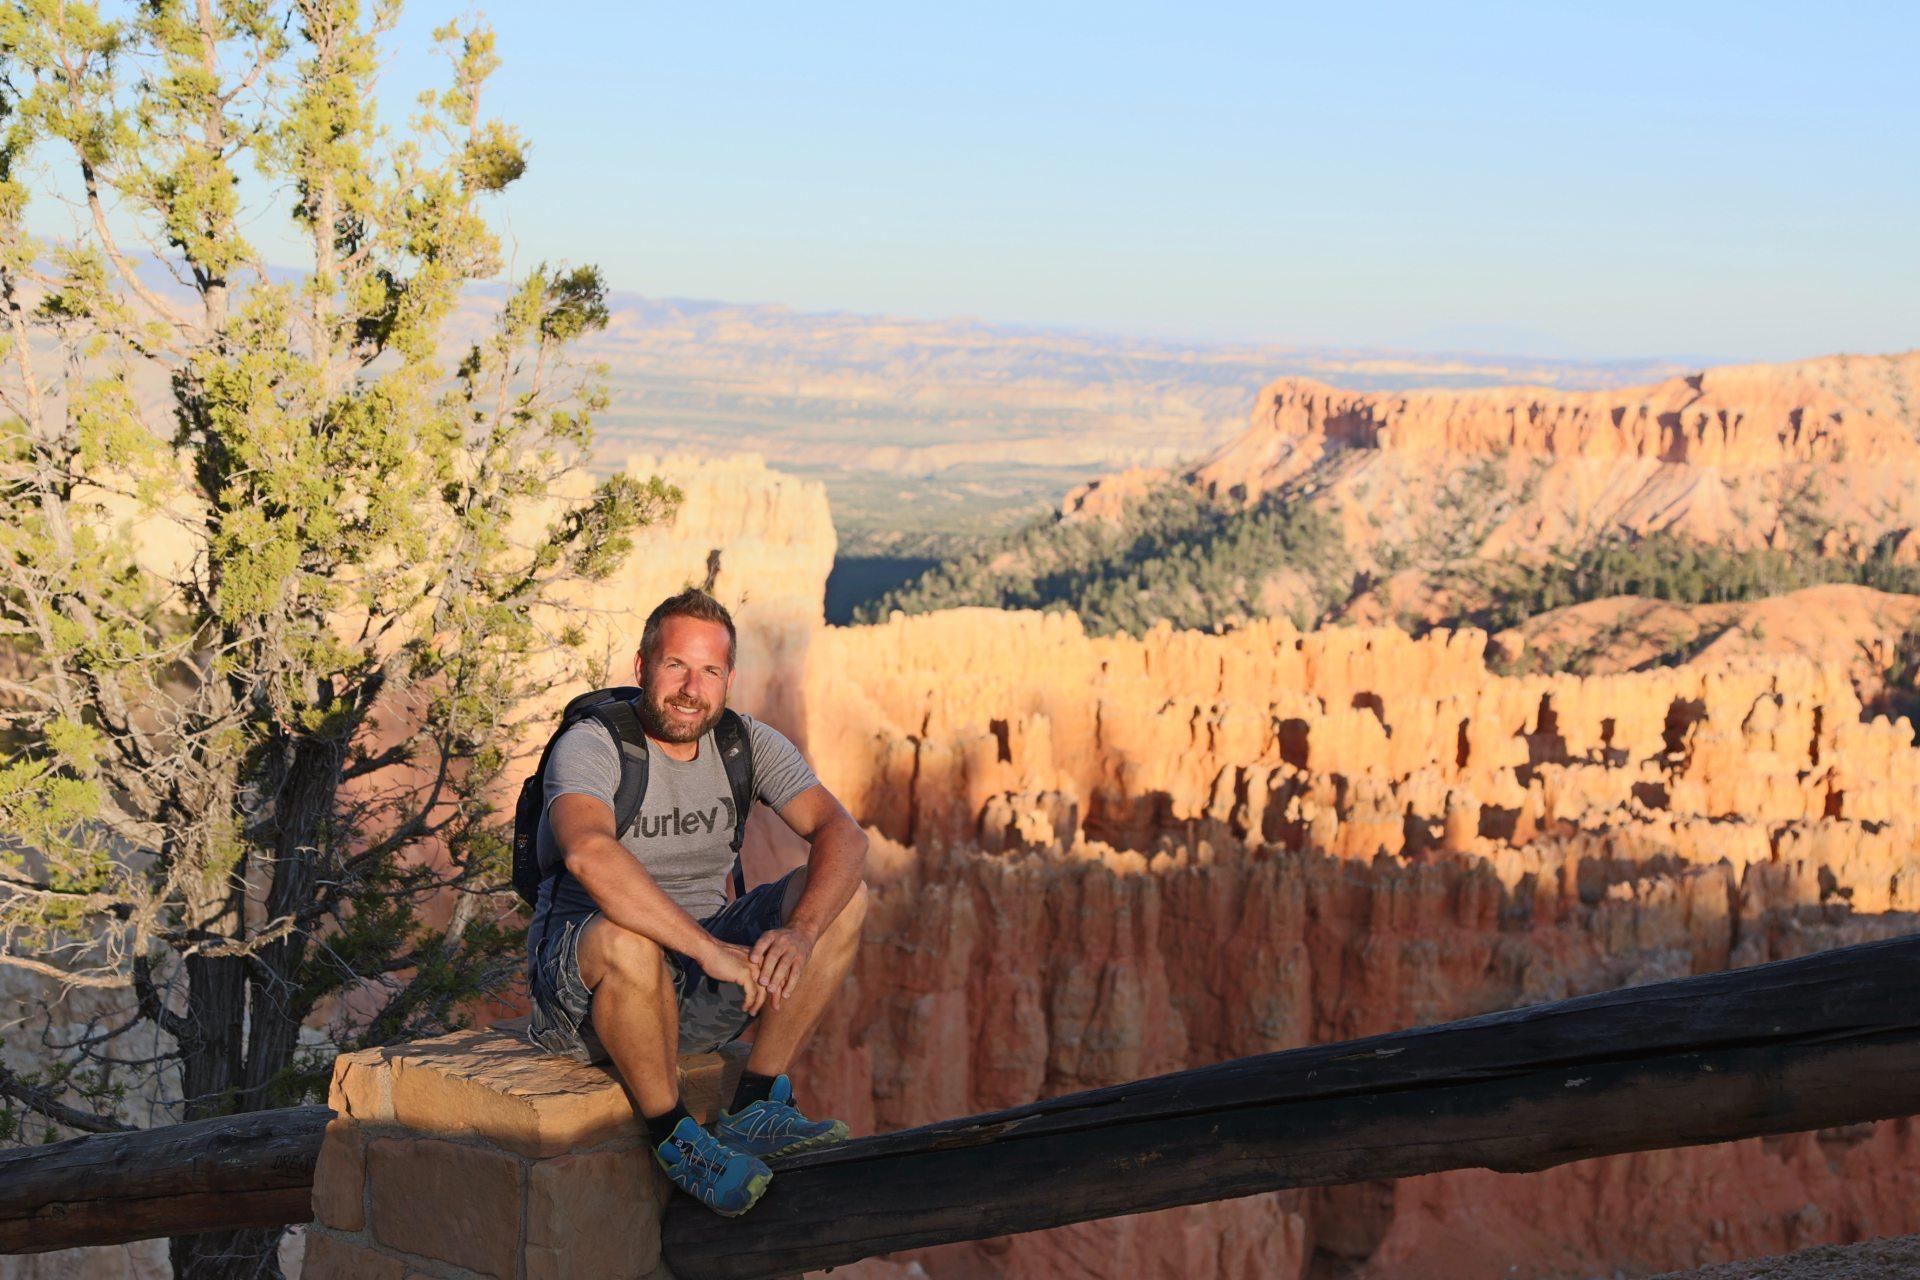 """Für dieses Lächeln gehört ihm ein """"Bryce""""! - Aussicht, Bryce Canyon National Park, Canyon, Erosion, farbenfroh, Felsnadeln, Fernsicht, Geologie, Gestein, Gesteinssäulen, Himmel, Hoodoos, Landschaft, Monolithen, Natur, Panorama, Personen, Portrait, Porträt, Rim Trail, Sandstein, Utah - WEISSINGER Andreas - (Bryce Canyon, Bryce, Utah, Vereinigte Staaten)"""